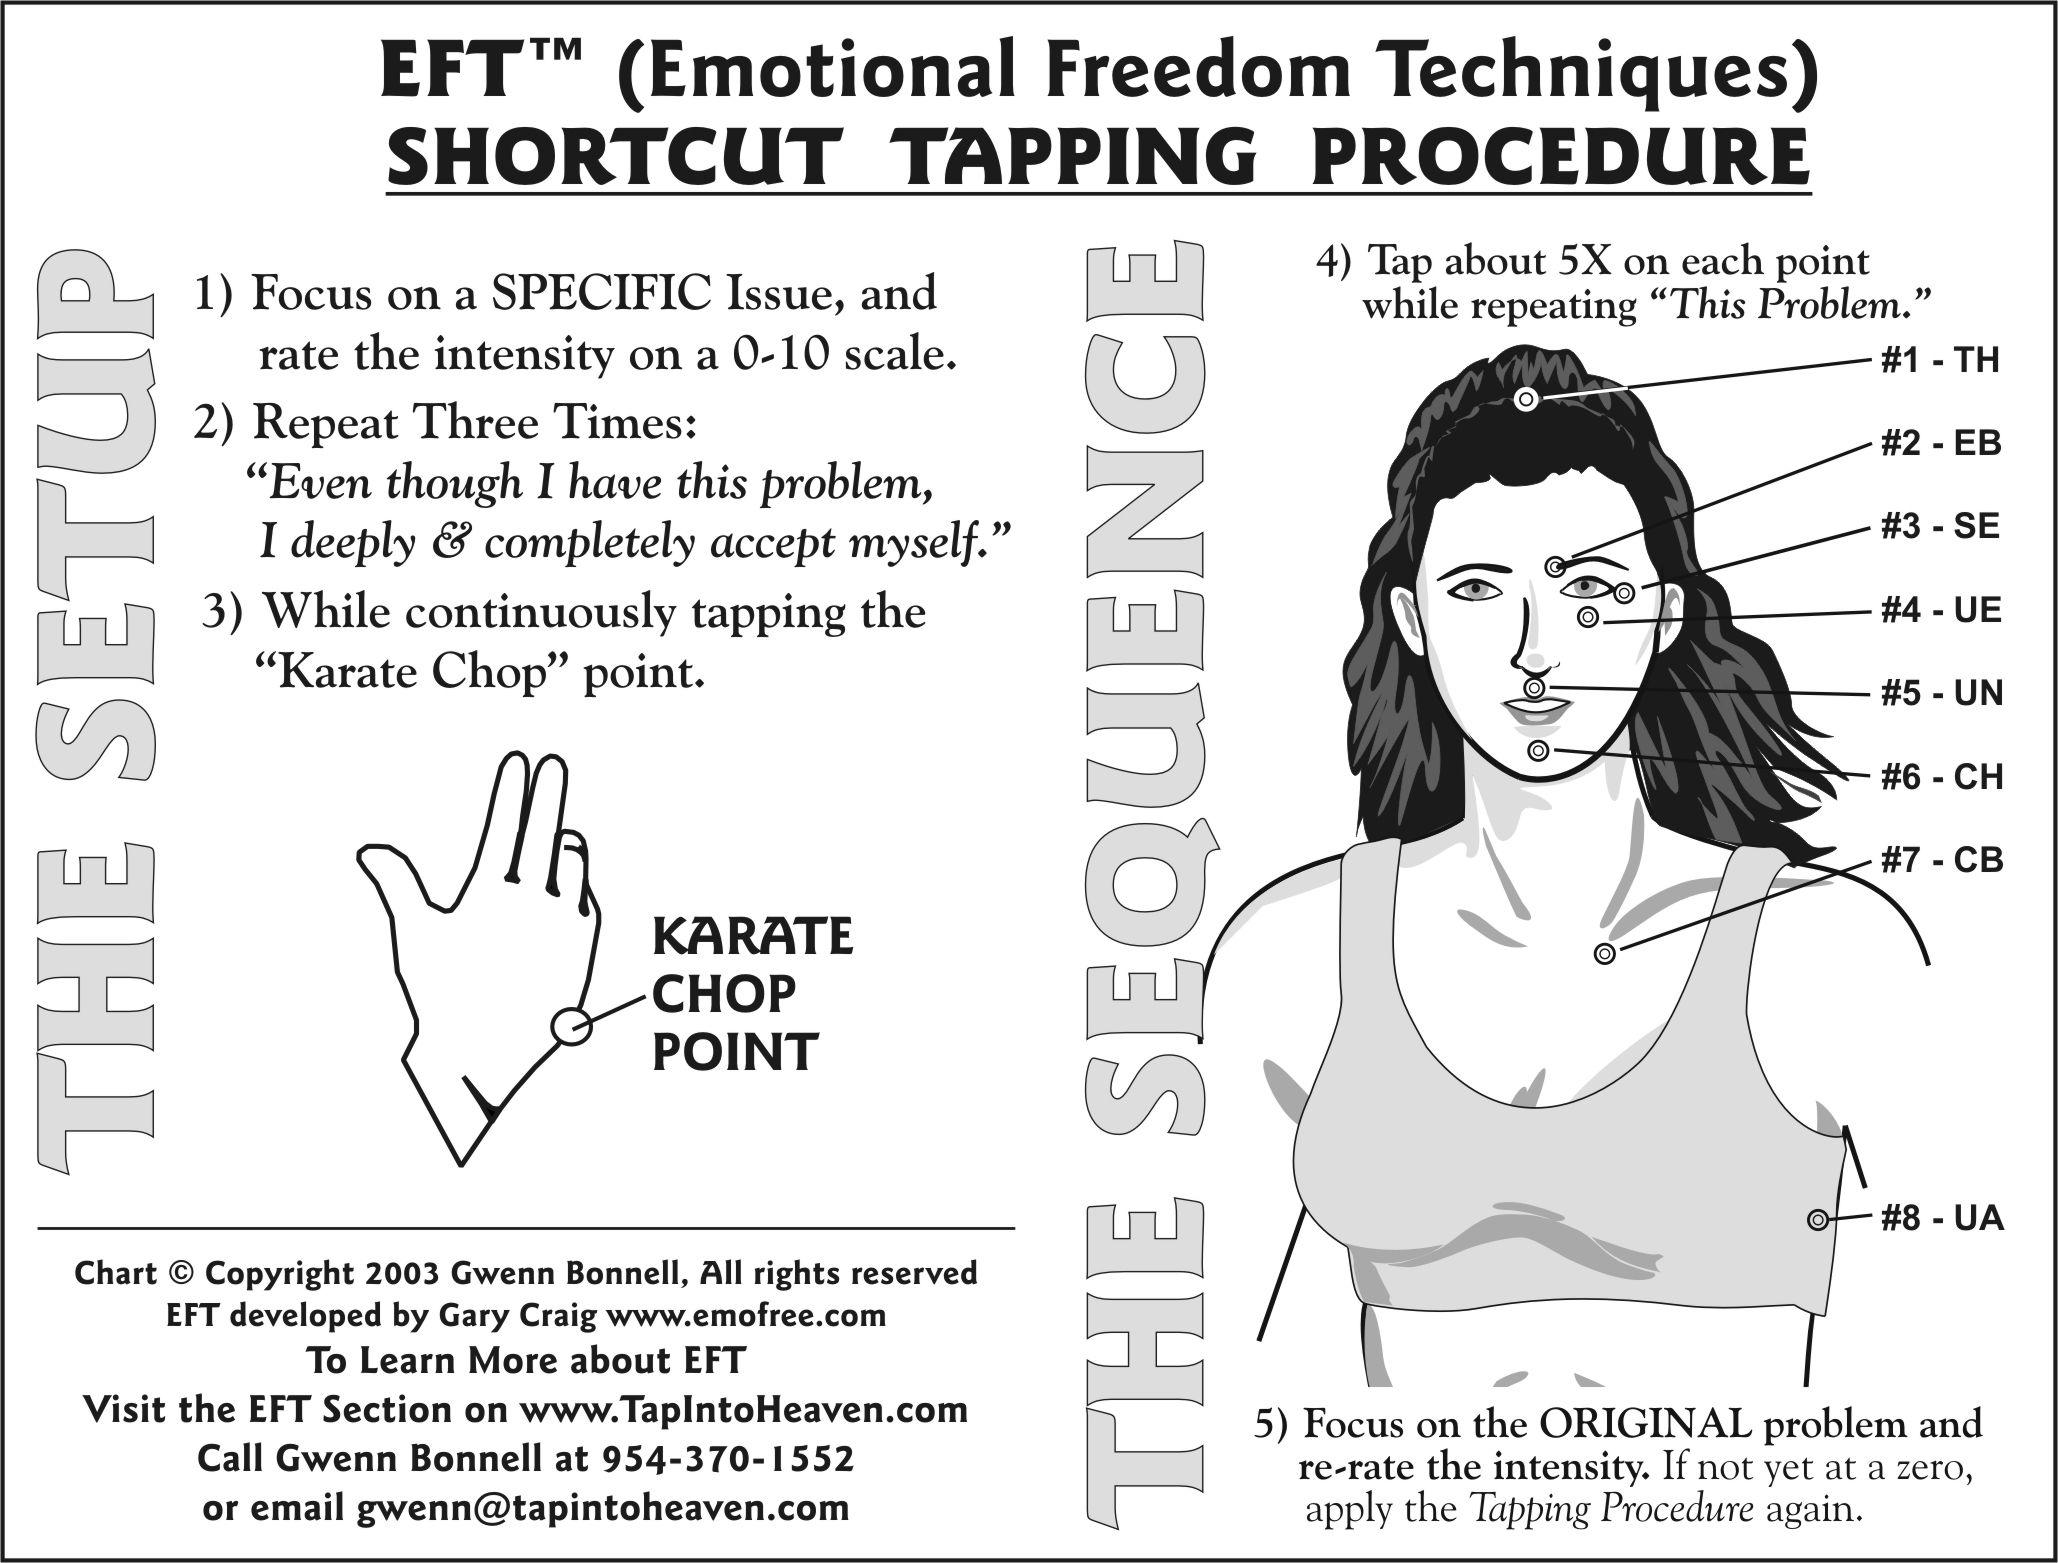 שיטת ה-Emotional Freedom Technique : היסטוריה, רציונאל ויישום בפסיכותרפיה